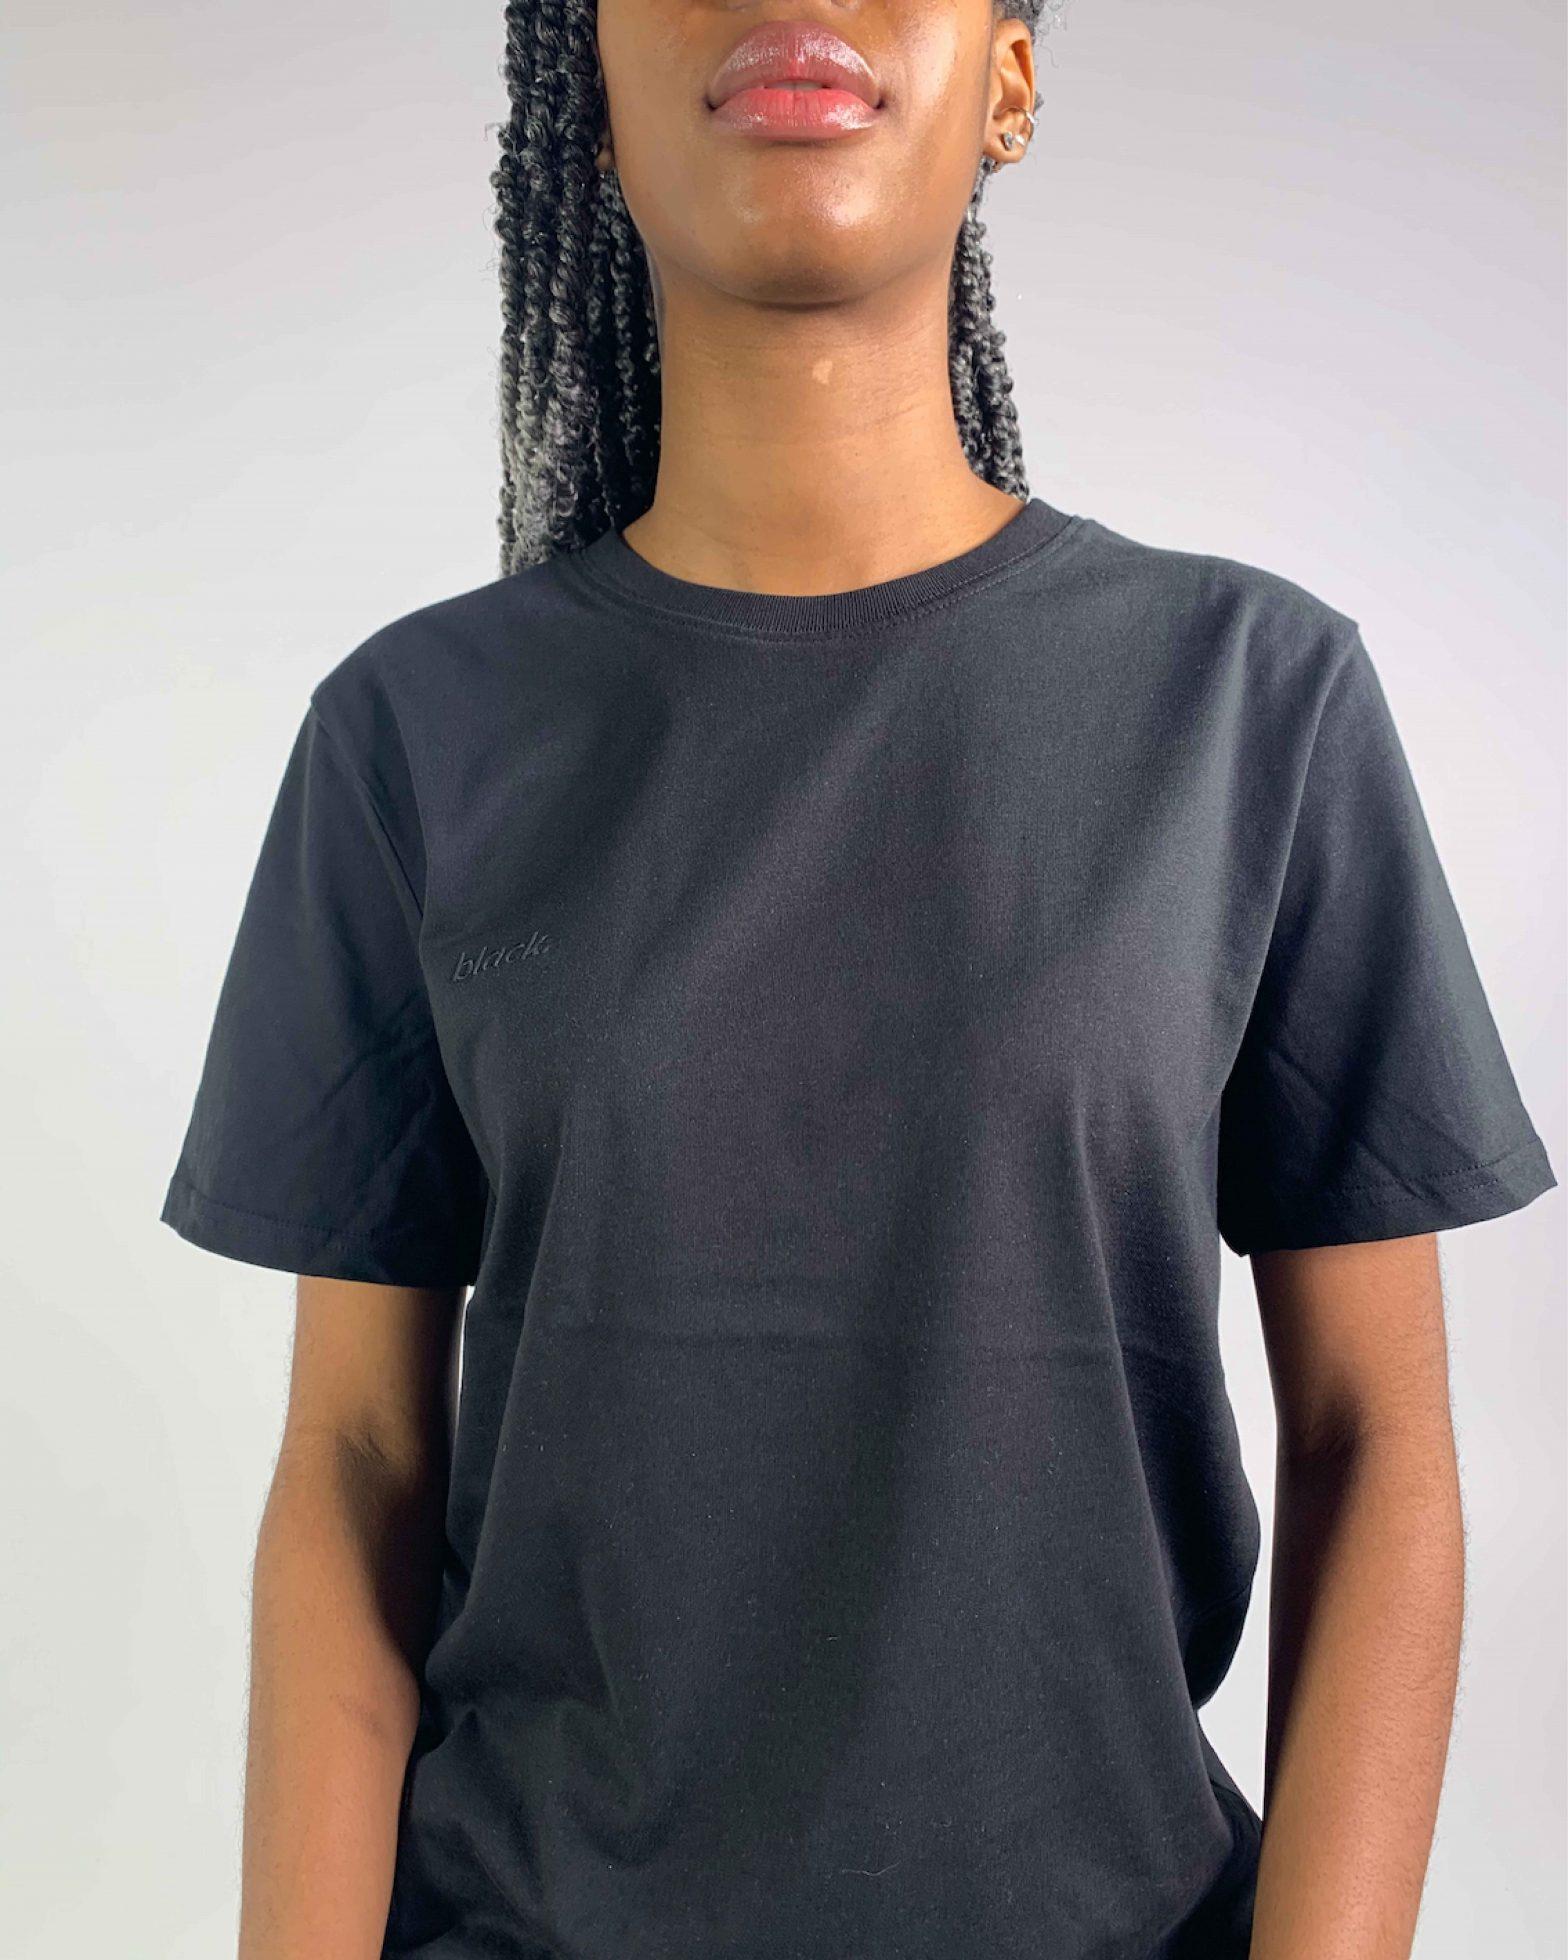 Organic T-shirt Black